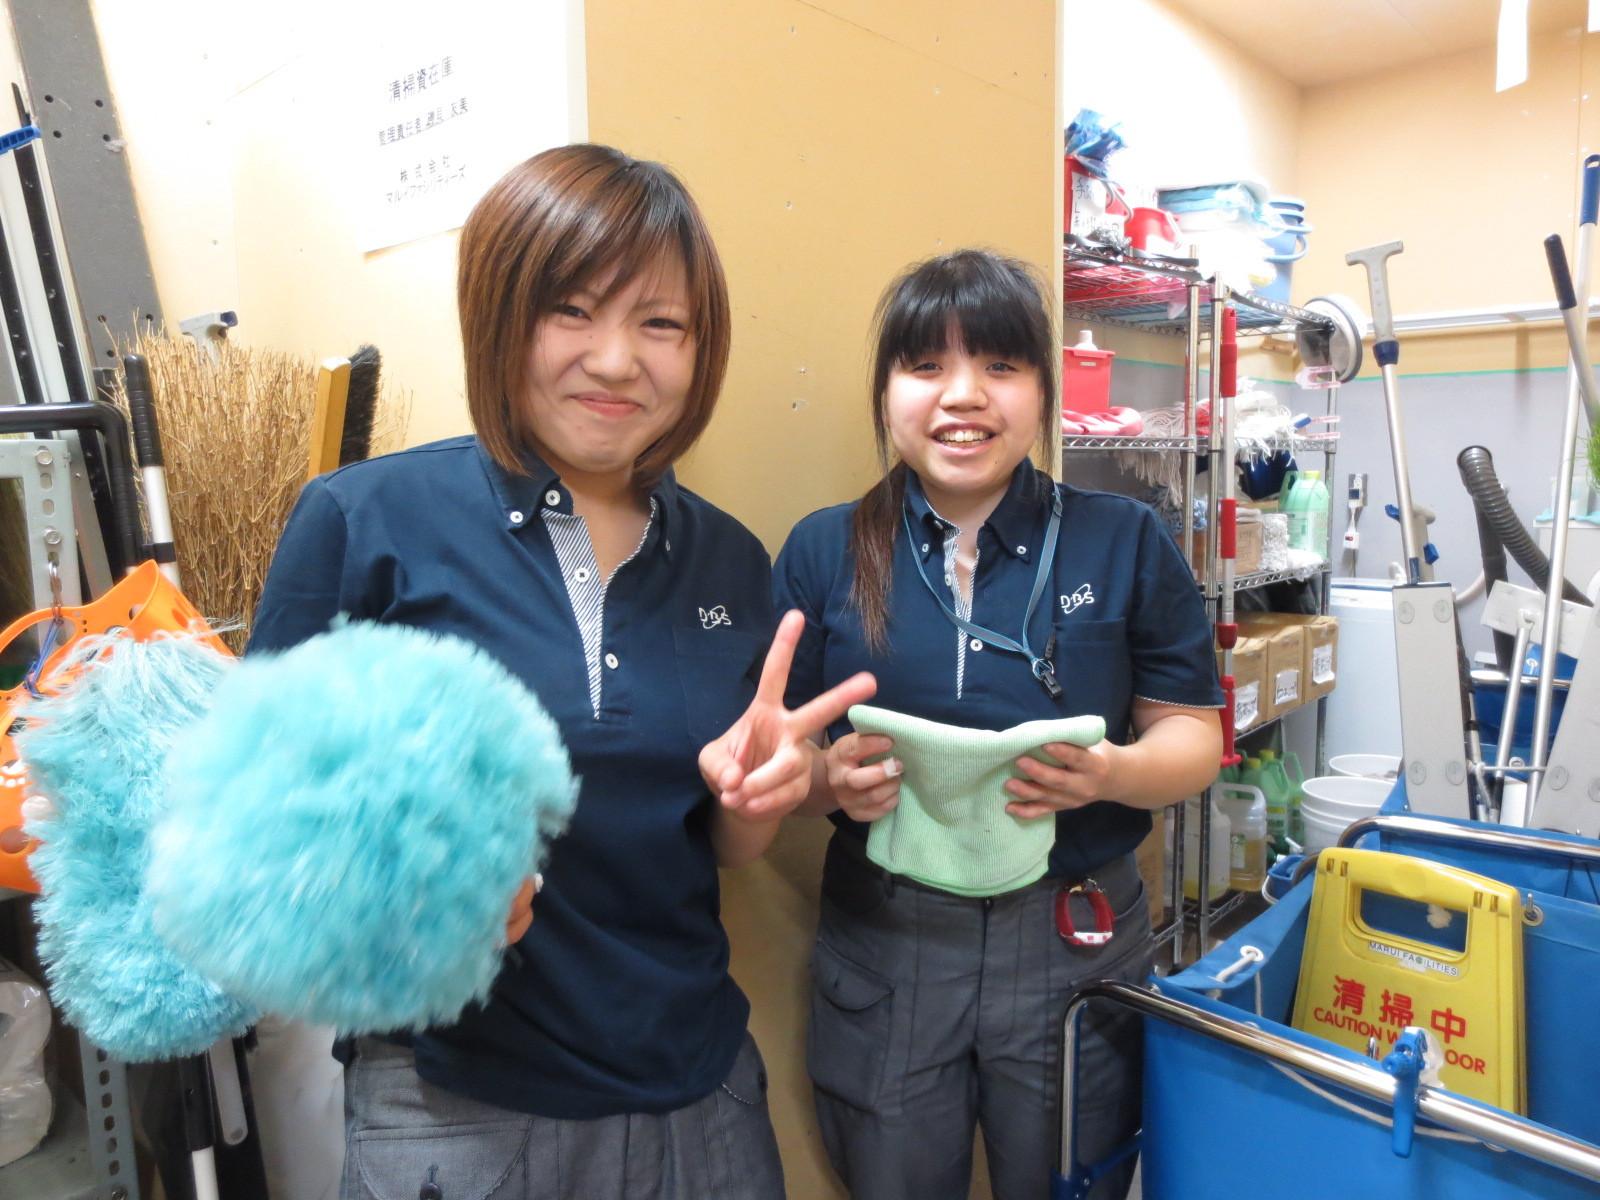 清掃スタッフ 渋谷区神南エリア 大光ビルサービス株式会社 のアルバイト情報